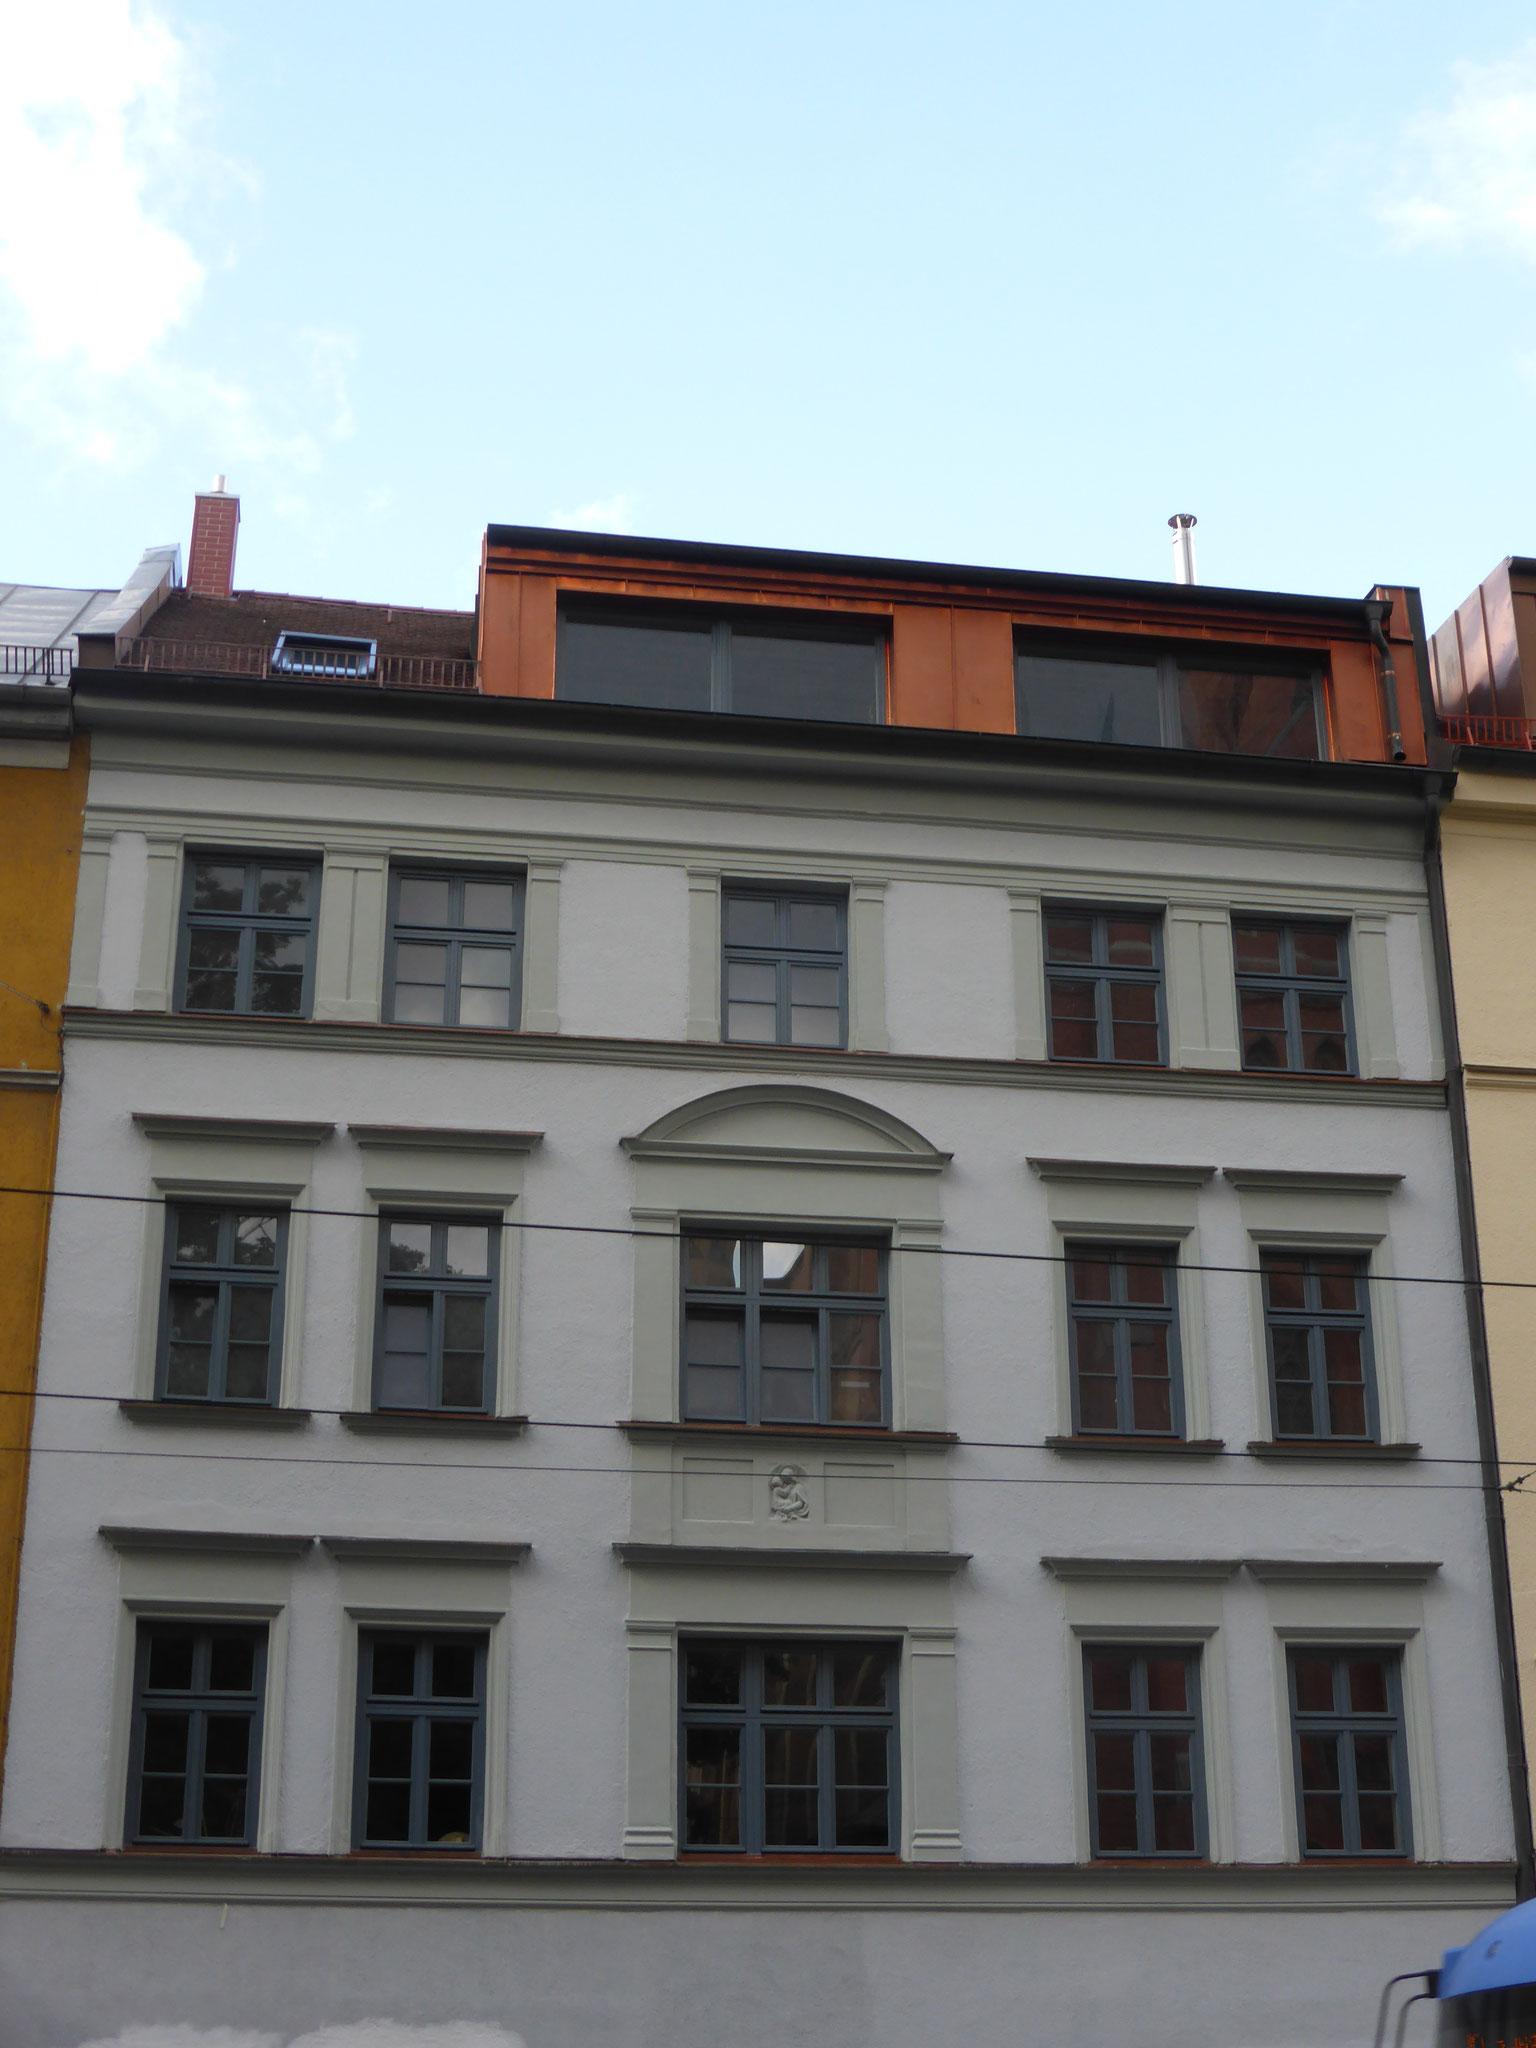 Altbausanierung mit Dachgauben und Gesimsblechen